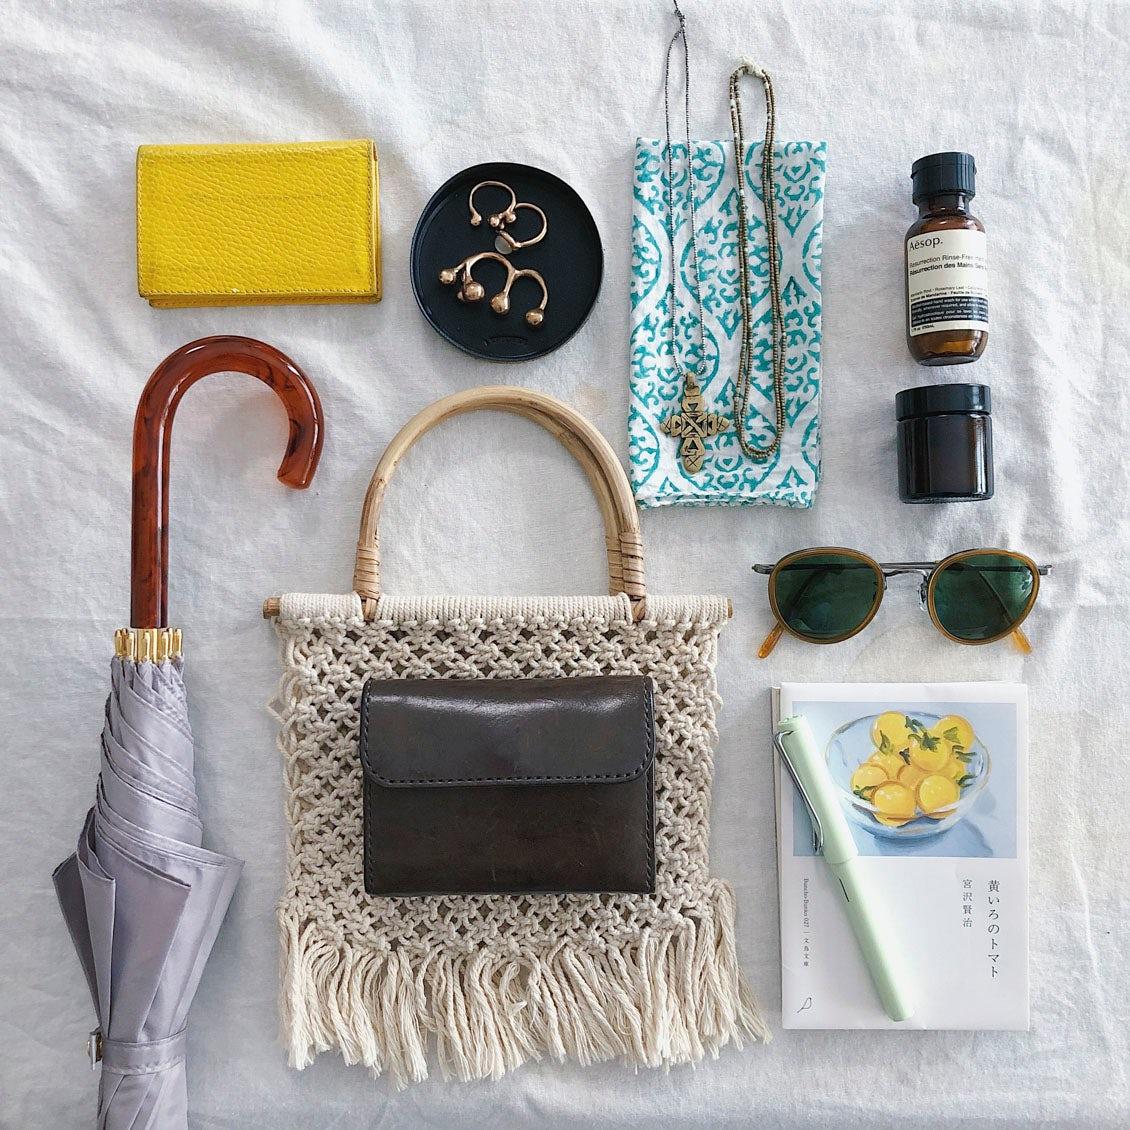 【あの人のバッグ】日々の持ち物には、差し色で遊び心を携えて。身軽さ重視のバッグの中身(久保利彩さん)